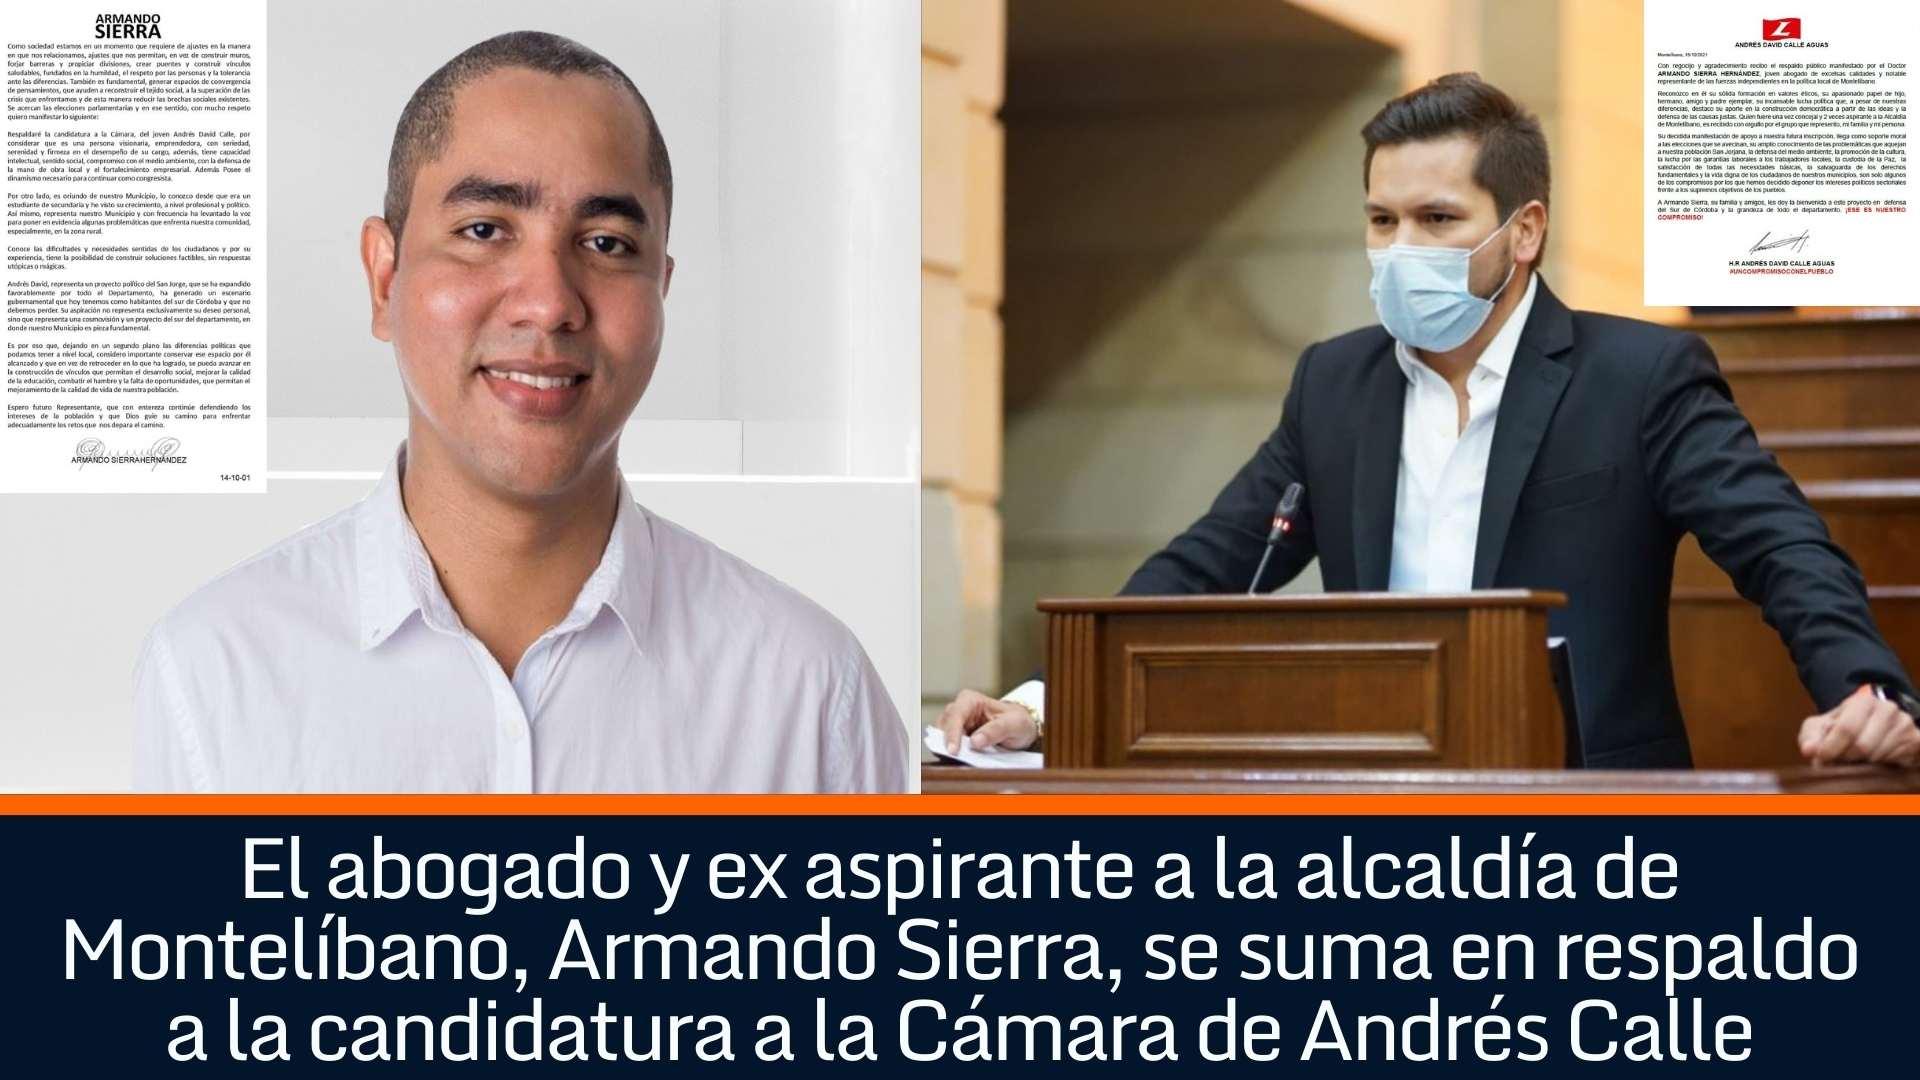 El abogado y ex aspirante a la alcaldía de Montelíbano, Armando Sierra, se suma en respaldo a la candidatura a la Cámara de Andrés Calle